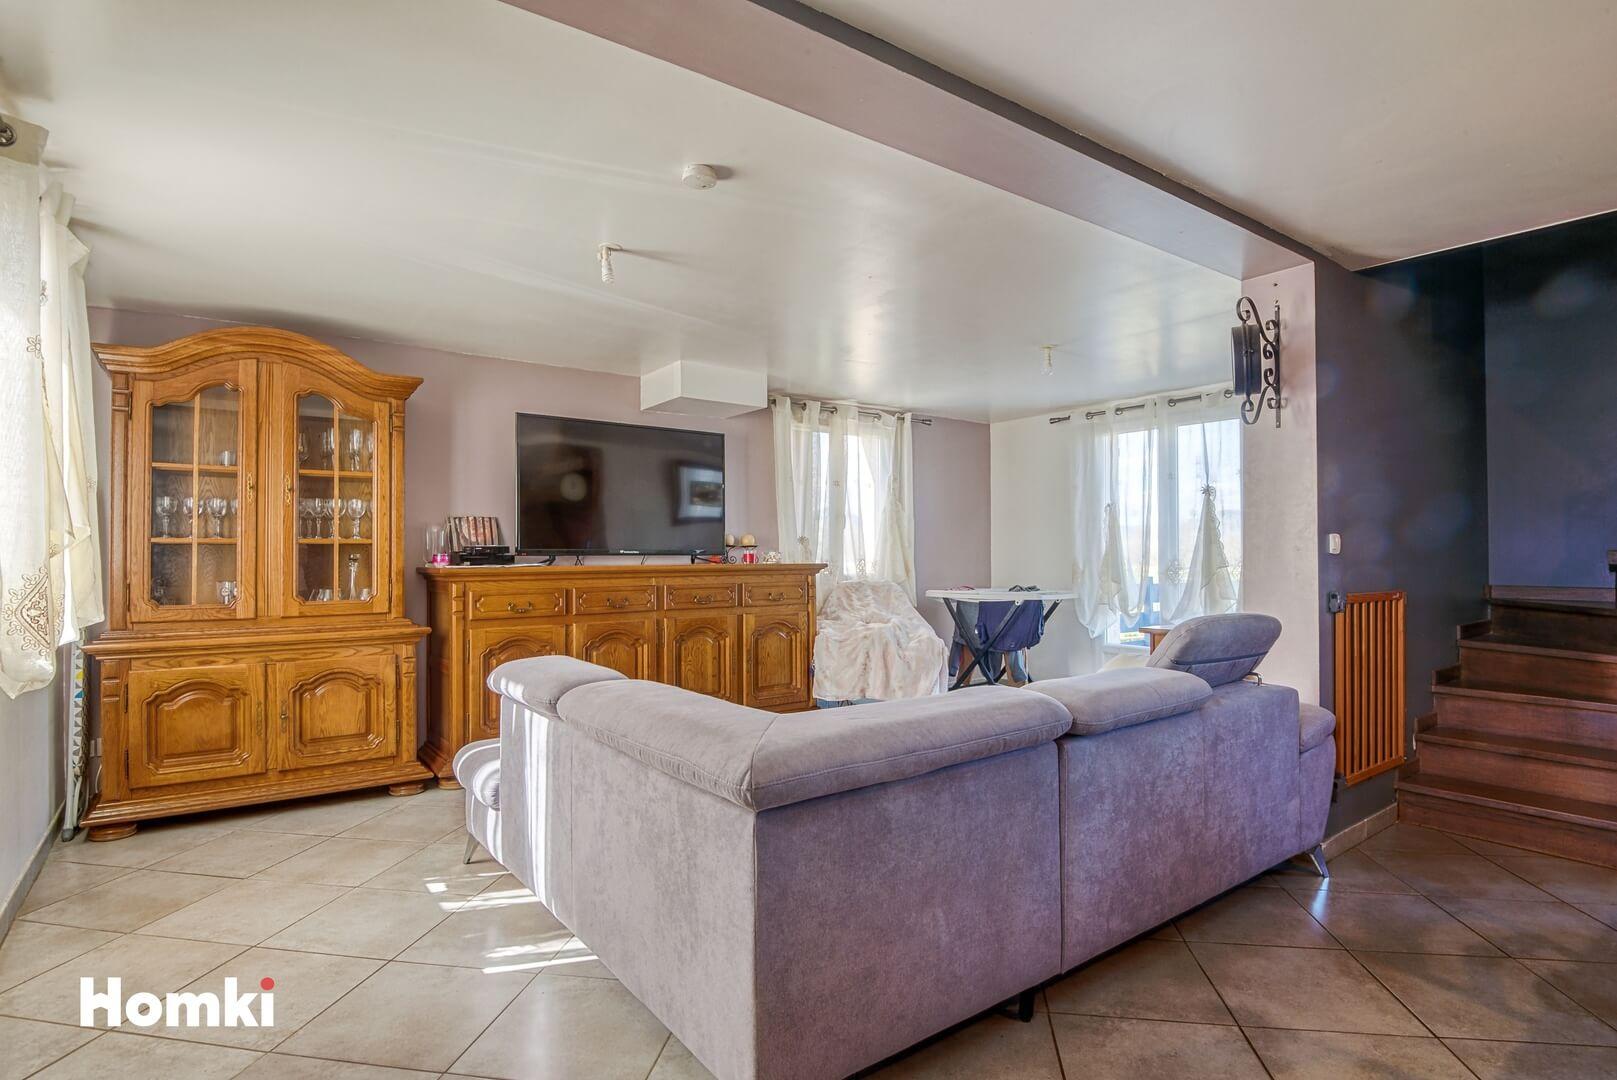 Homki - Vente Maison/villa  de 100.0 m² à Châteauneuf du Rhône 26780